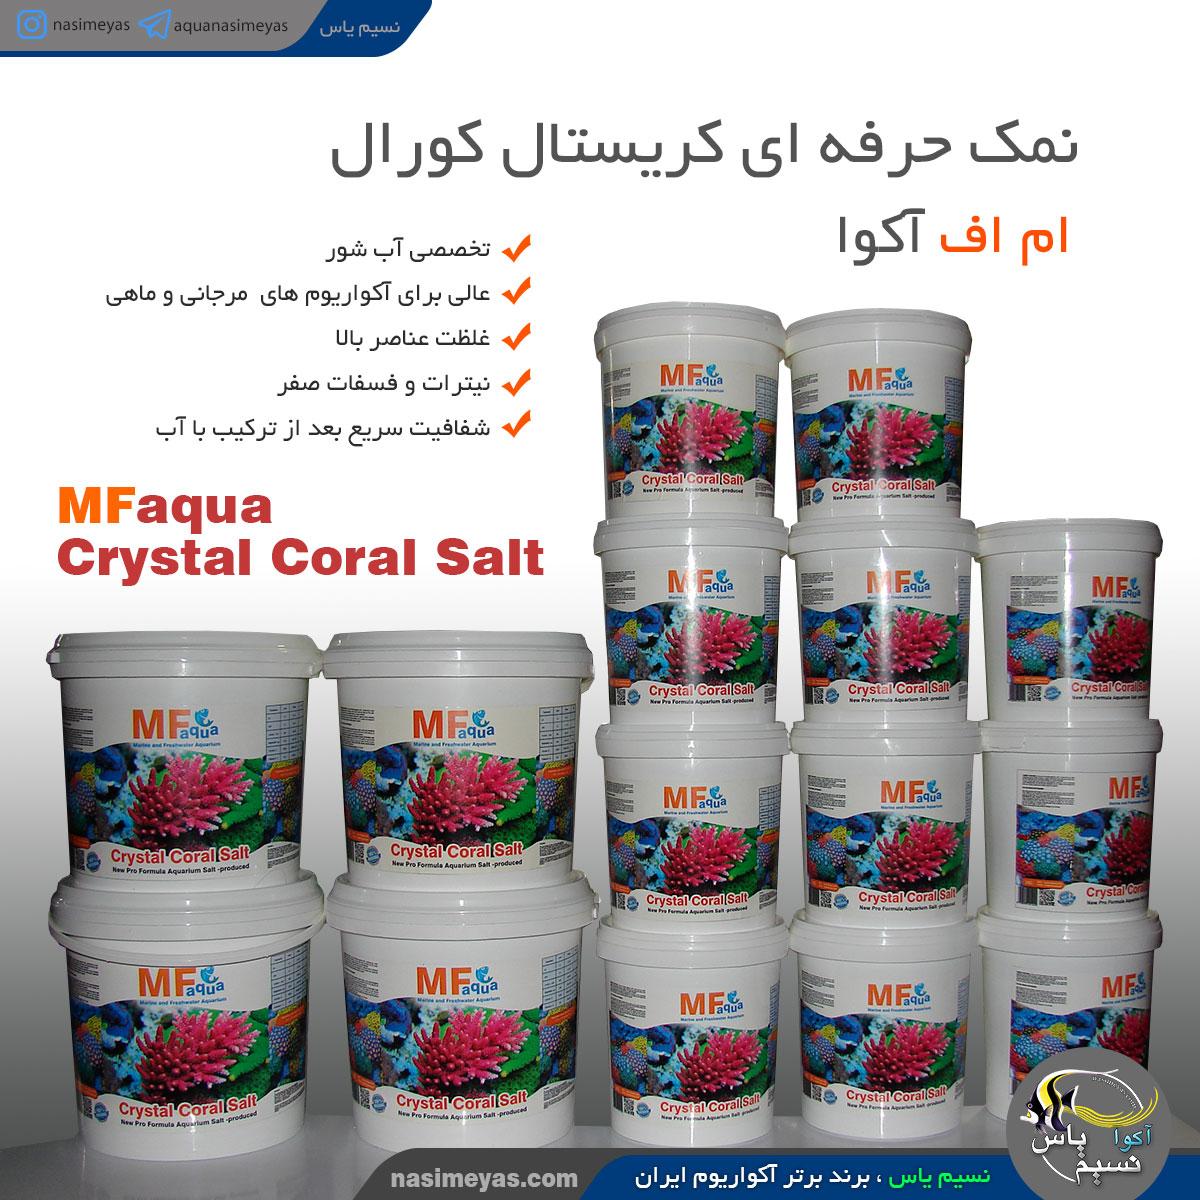 نمک کریستال کورال ام اف آکوا